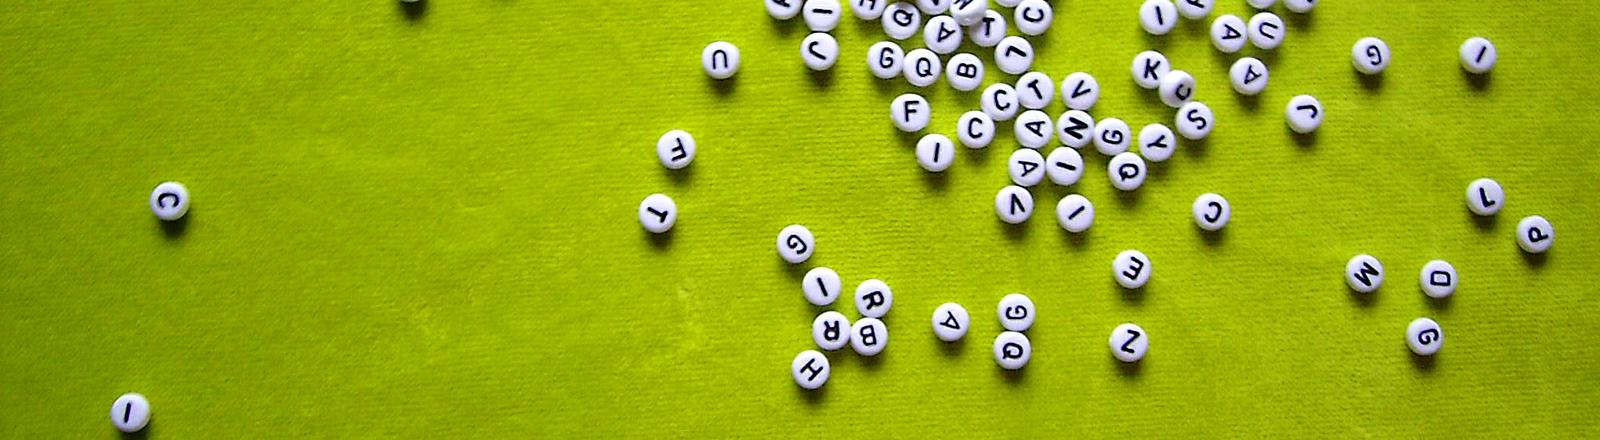 Unzählige Buchstaben auf grünem Grund.